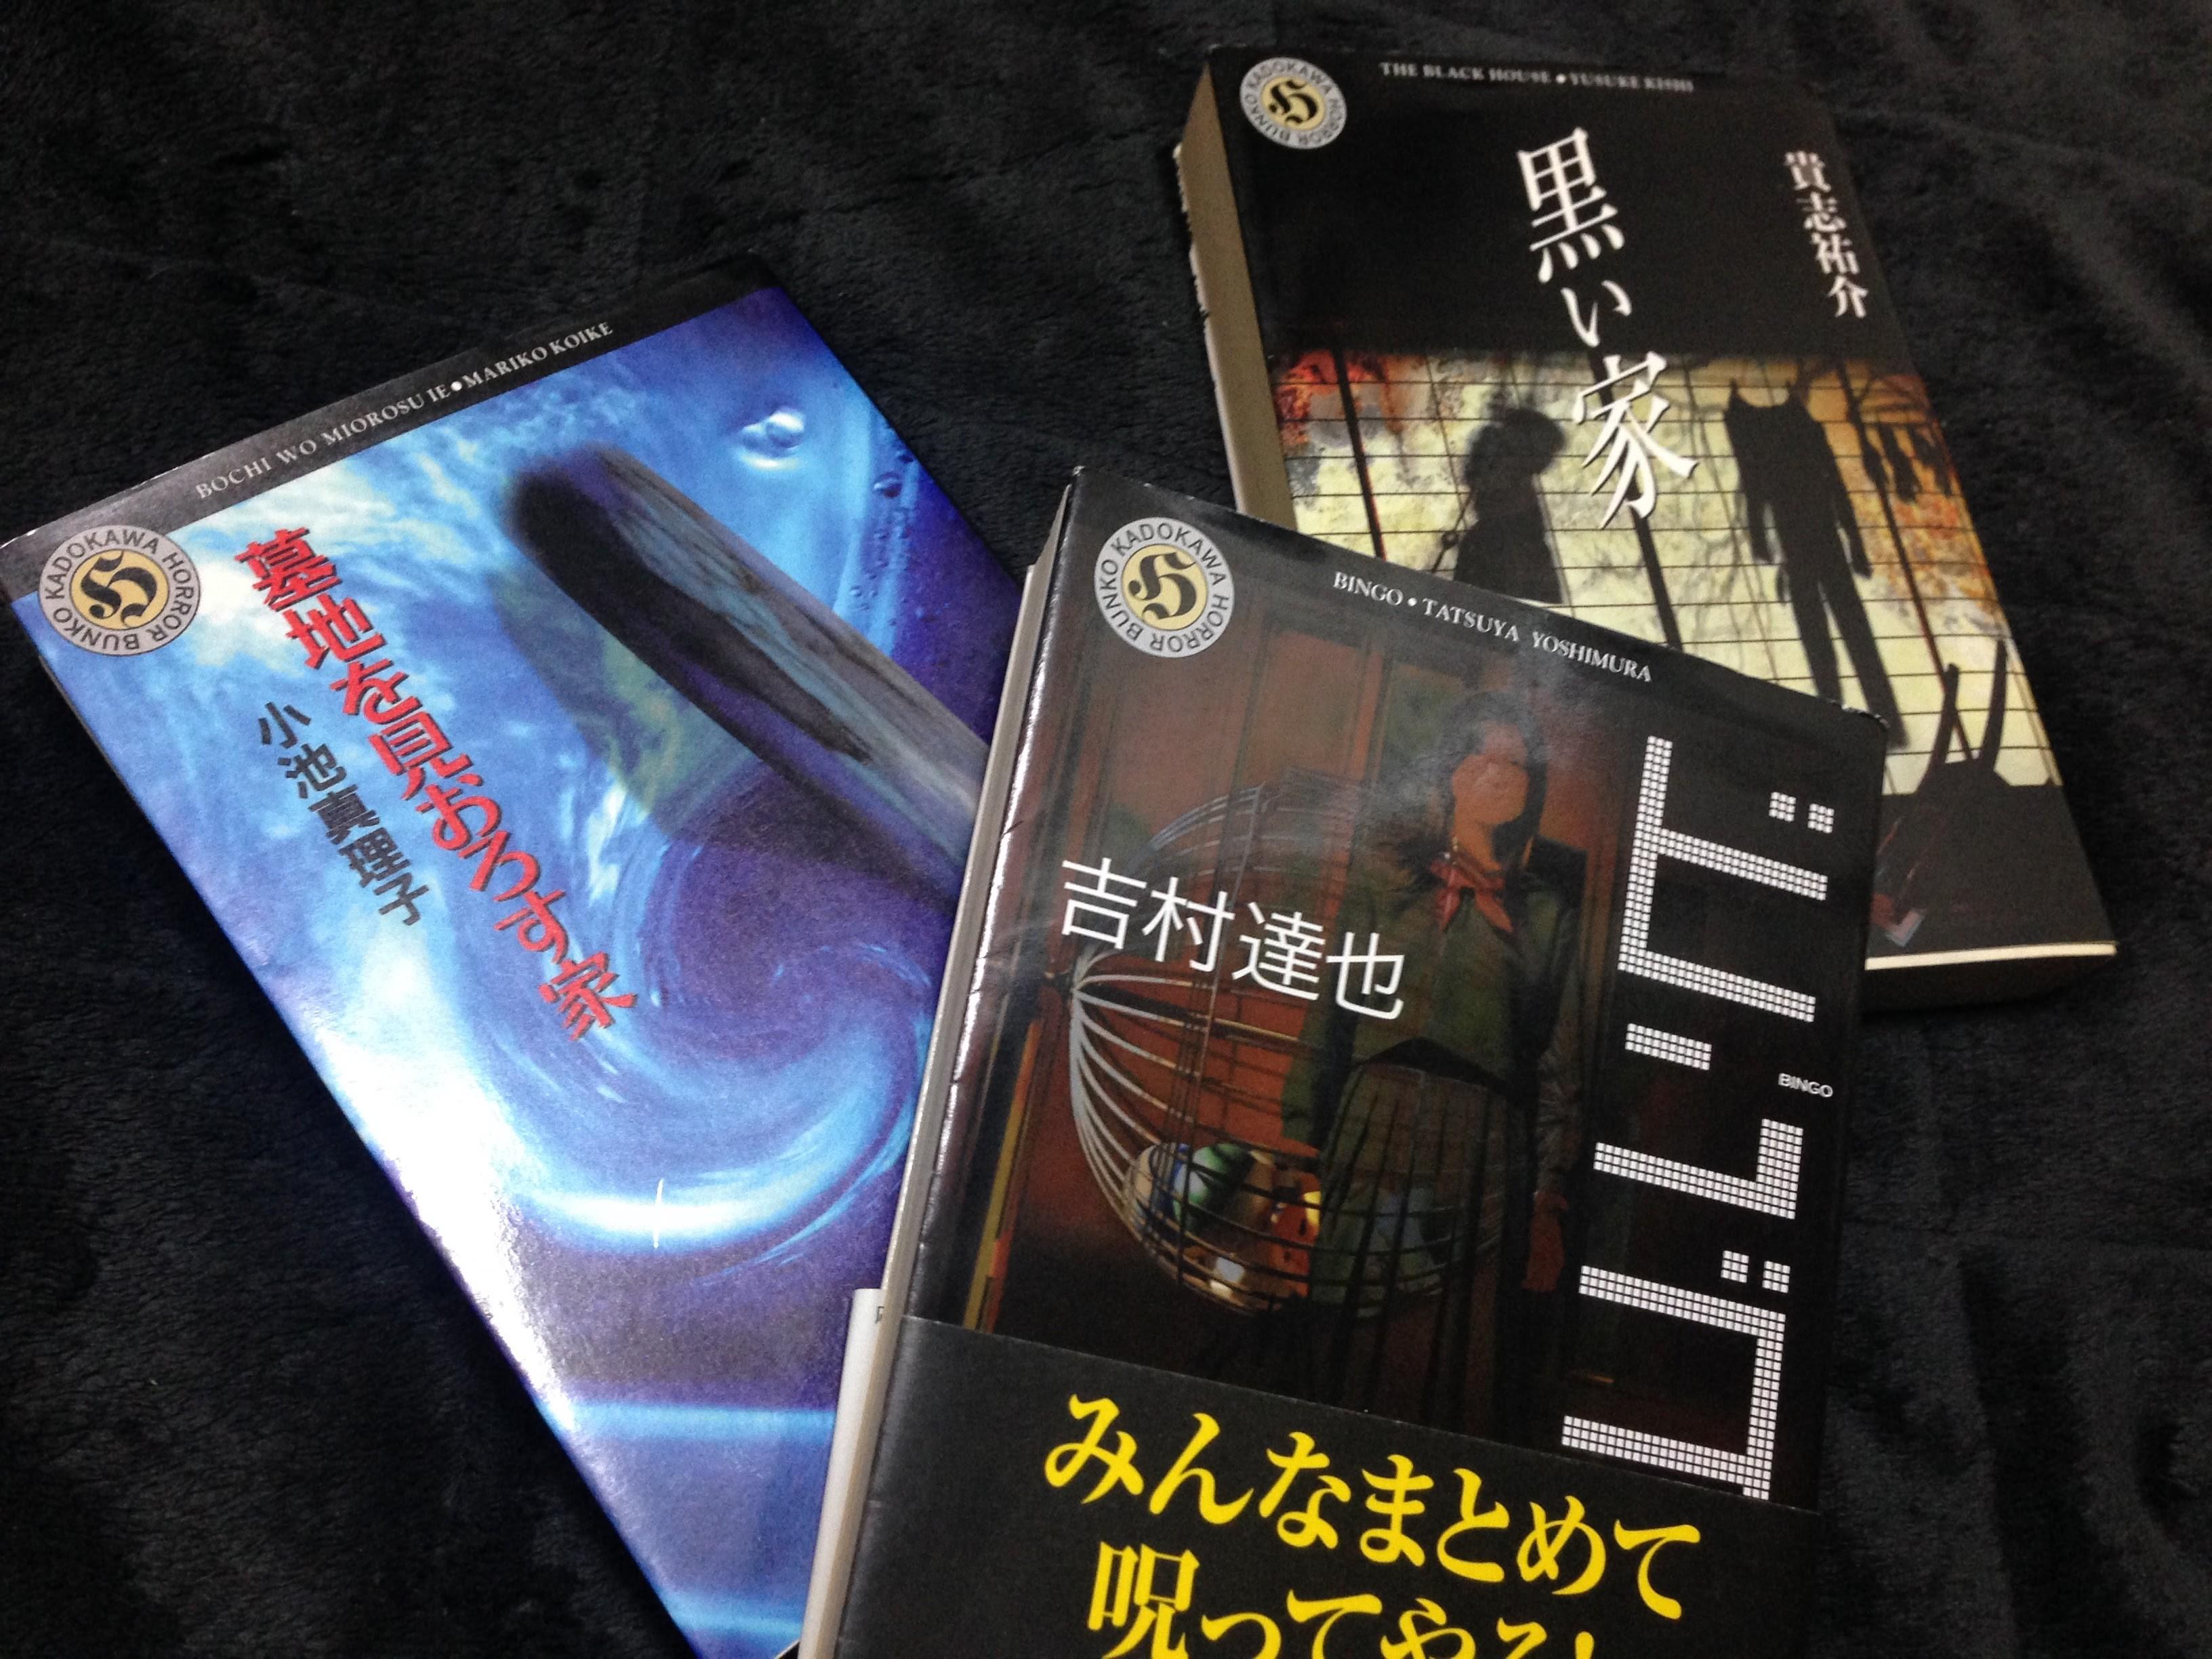 ホラー小説も面白い!ホラーというだけで読まないのは勿体無い